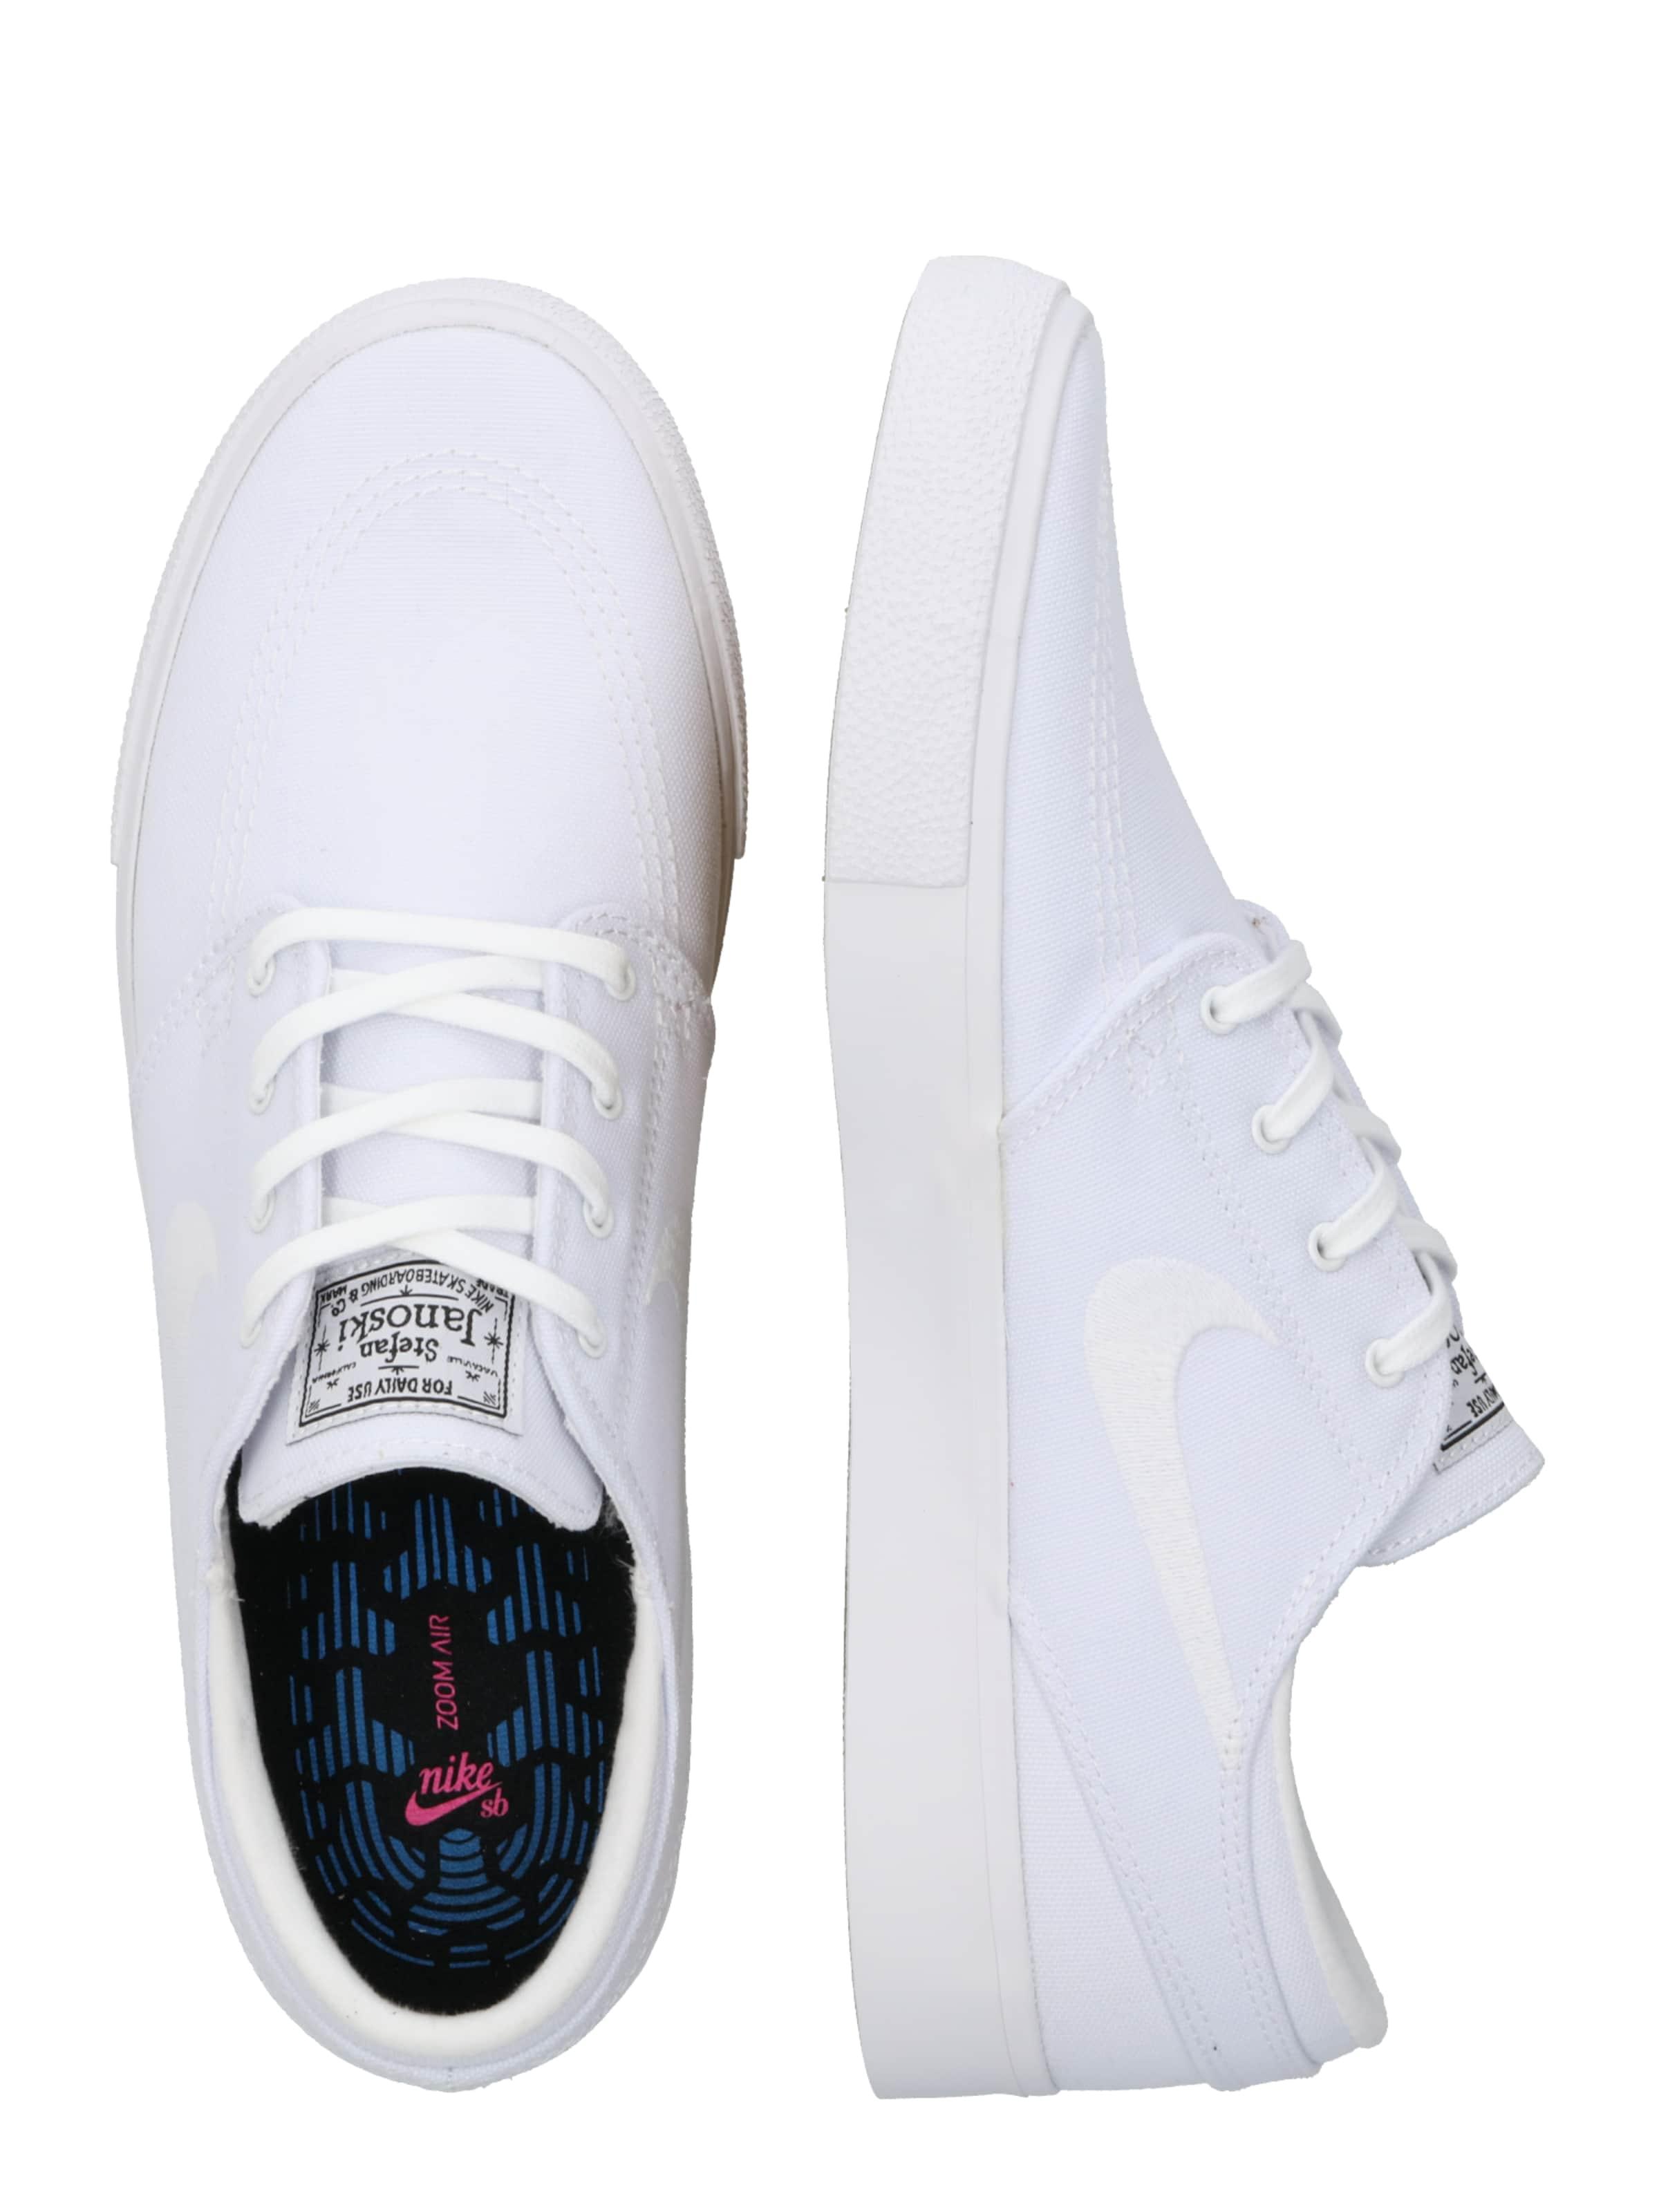 Weiß Sb Janoski' Sneaker 'zoom Nike In uZPkXTwOil